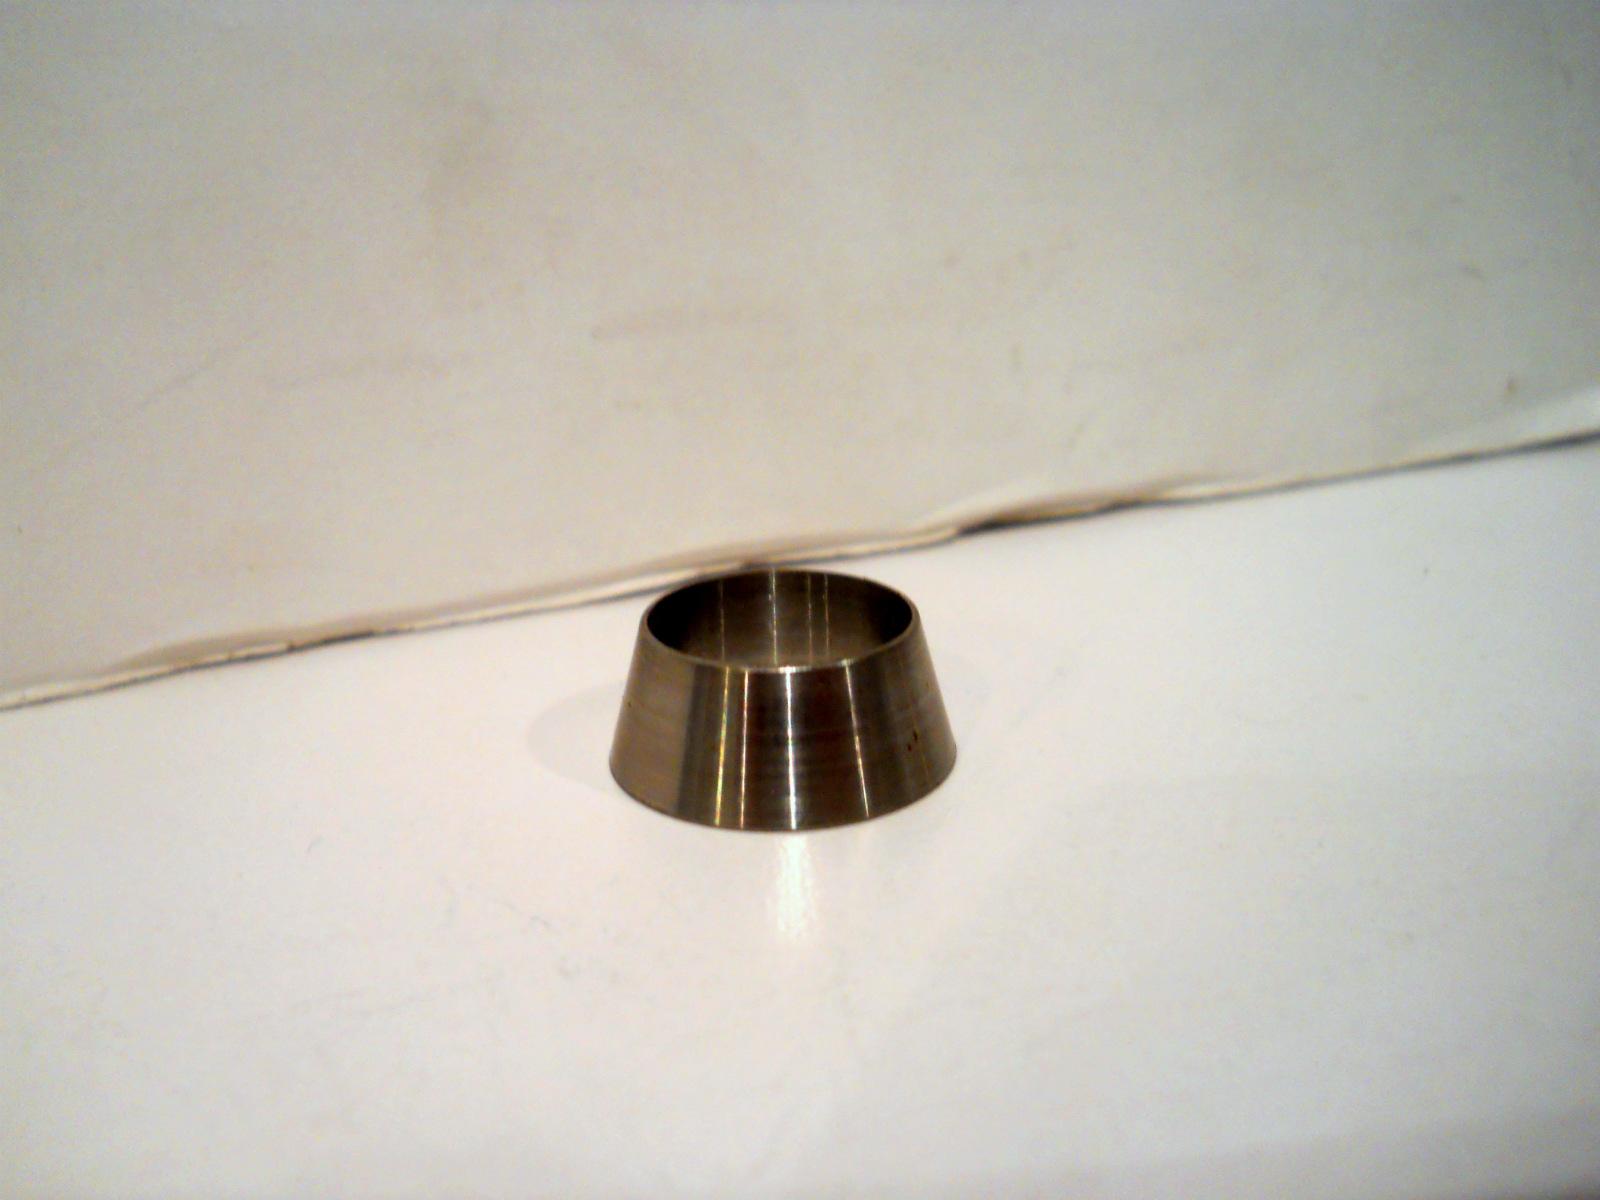 New swagelok stainless steel quot tube fnpt